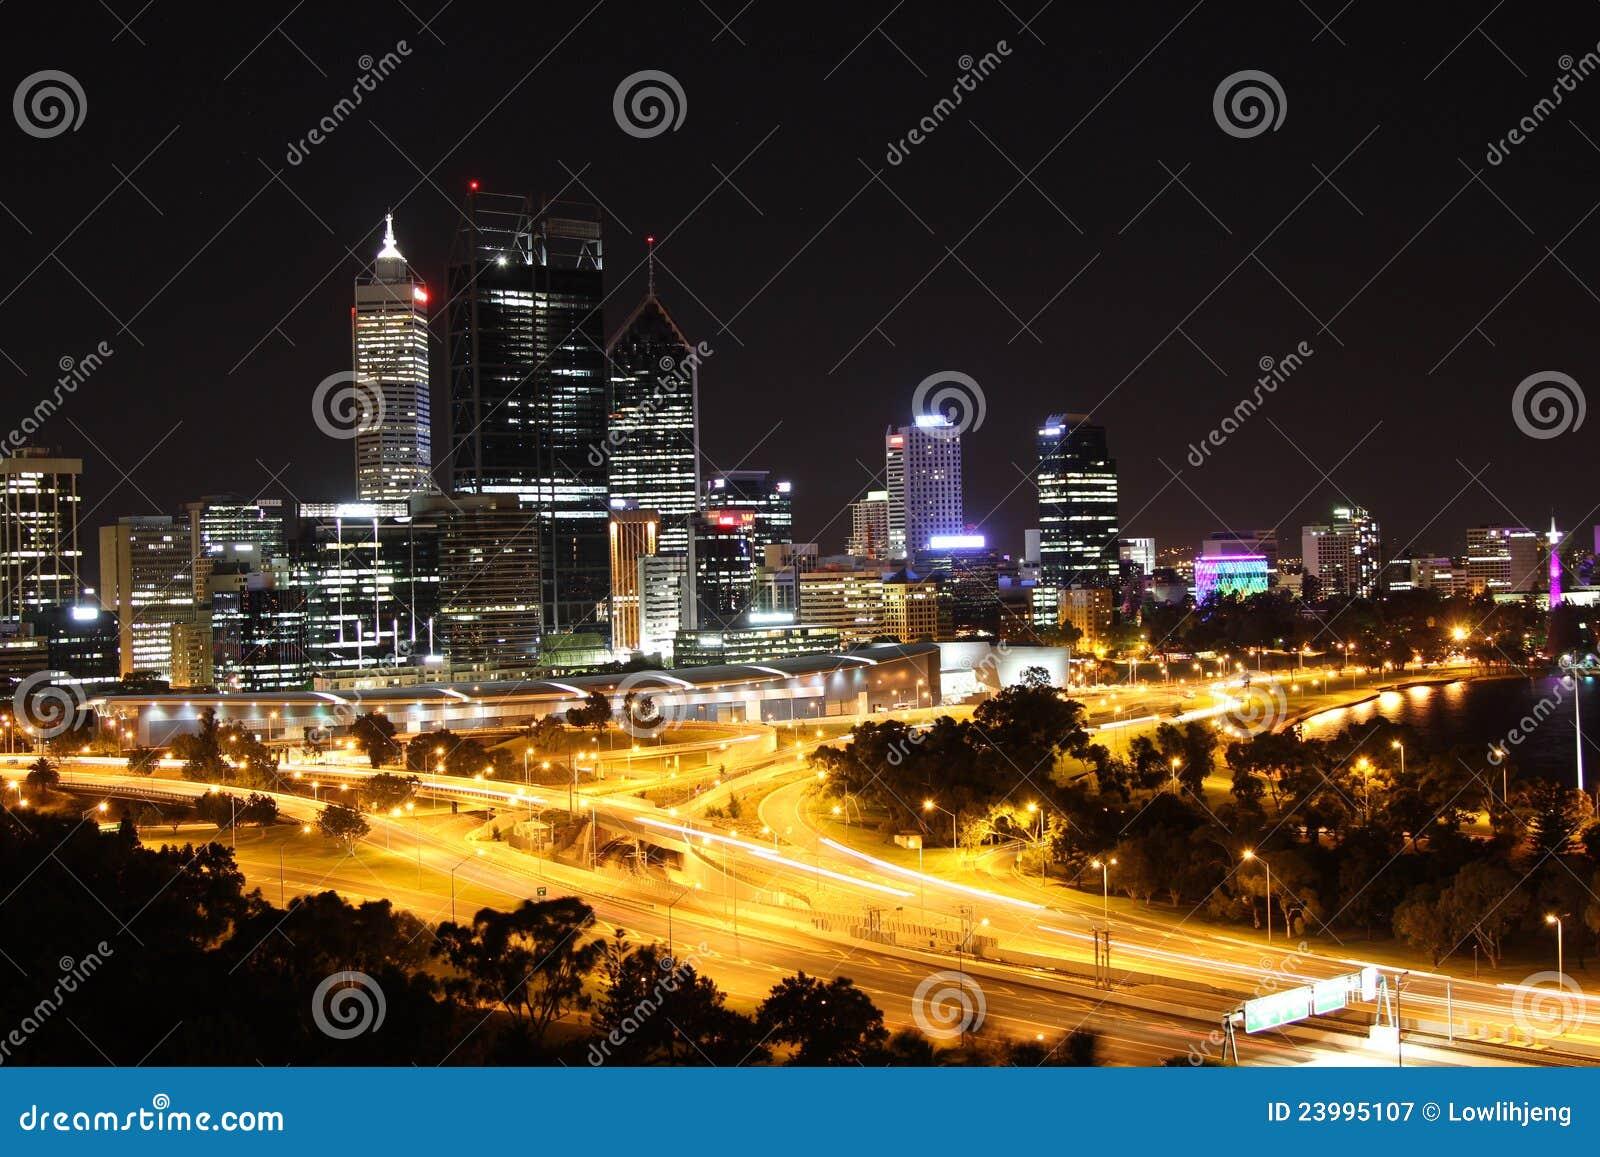 Date night in Perth